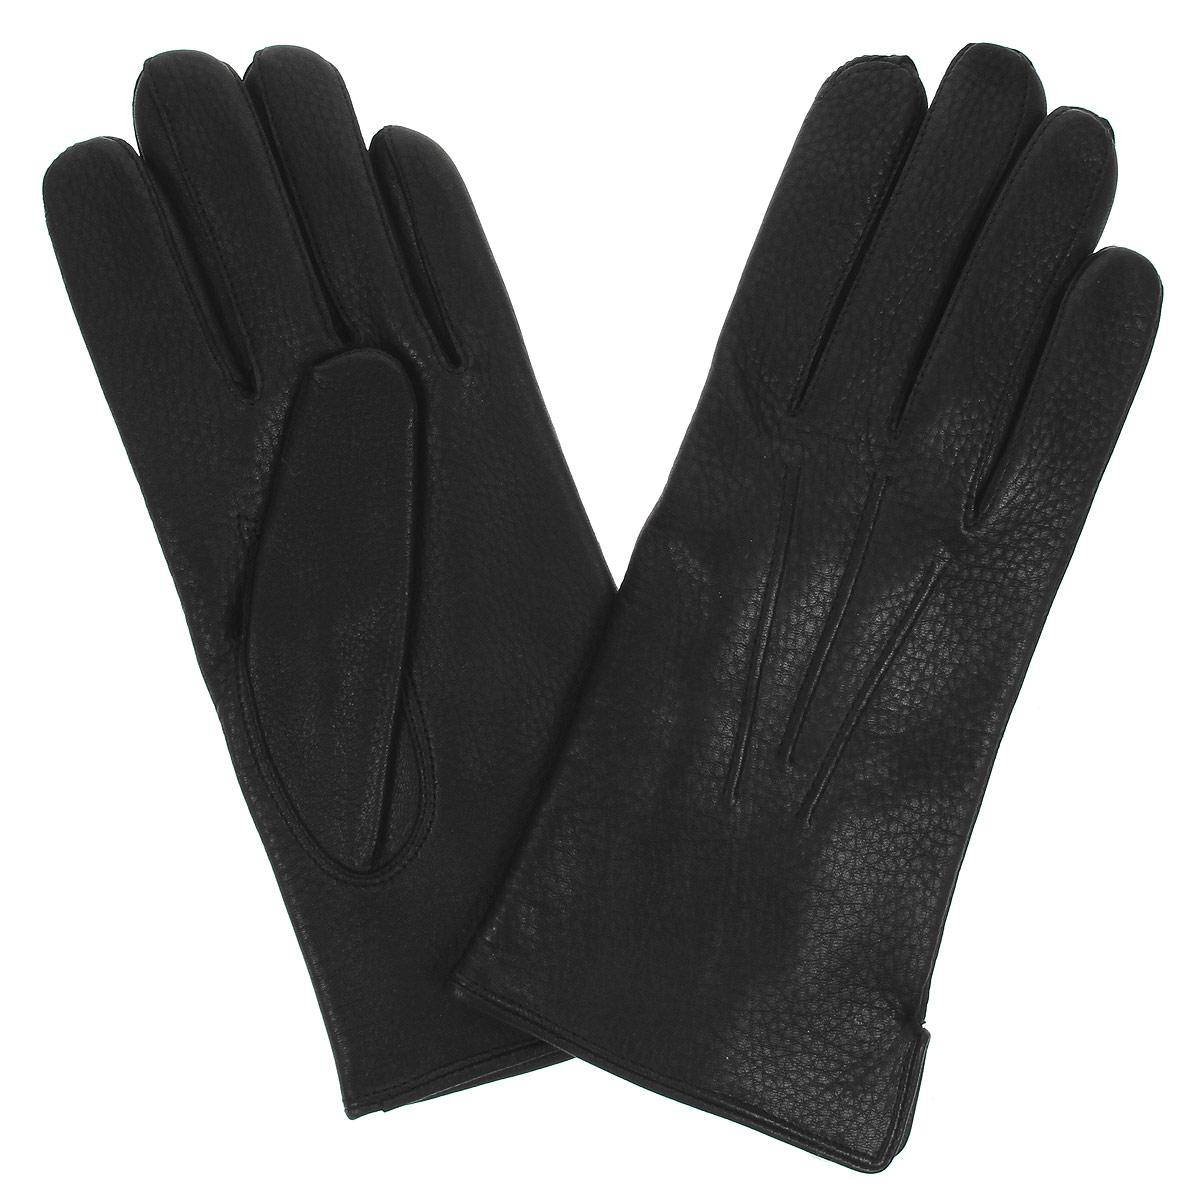 ПерчаткиDM42-234Классические мужские перчатки Bartoc не только защитят ваши руки, но и станут великолепным украшением. Они выполнены из мягкой и особо износостойкой натуральной кожи оленя, а их подкладка - из натуральной шерсти. На внешнем боку перчатки имеется небольшой разрез. Модель на лицевой стороне оформлена декоративной отстрочкой три луча. Перчатки прекрасно дополнят образ любого мужчины и сделают его более стильным, придав тонкую нотку брутальности. Создайте элегантный образ и подчеркните свою яркую индивидуальность новым аксессуаром!